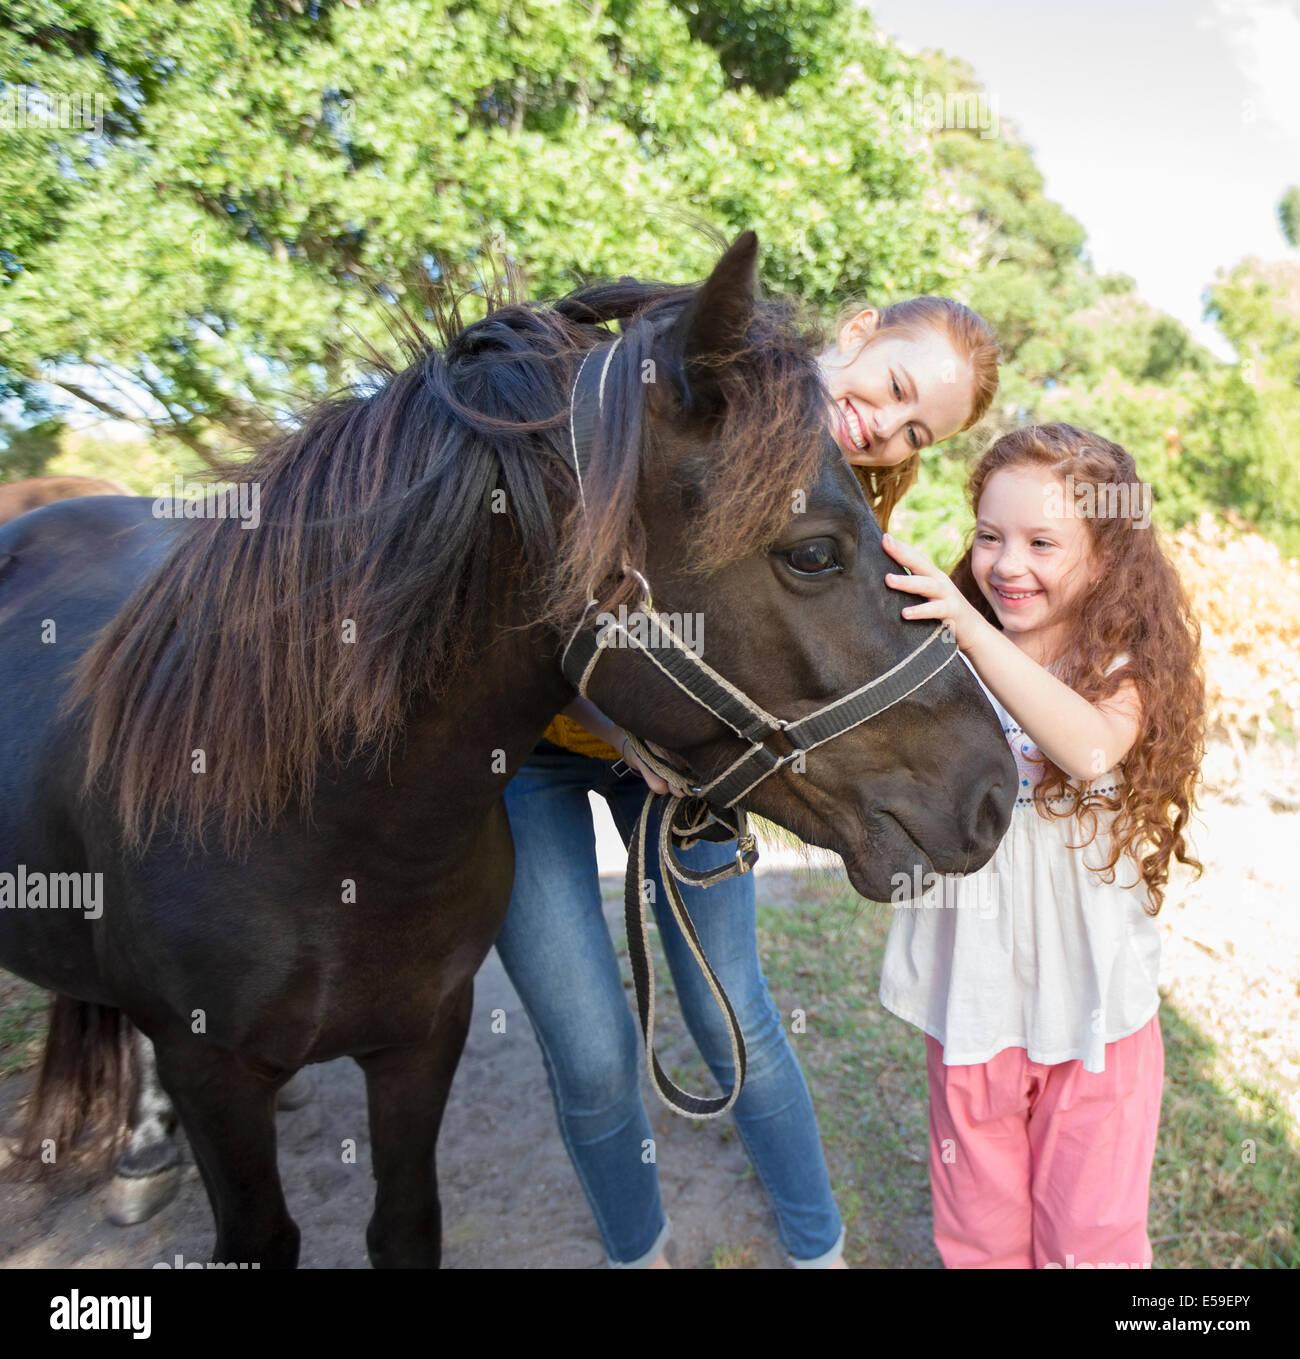 Madre e hija acariciándole a caballo al aire libre Imagen De Stock